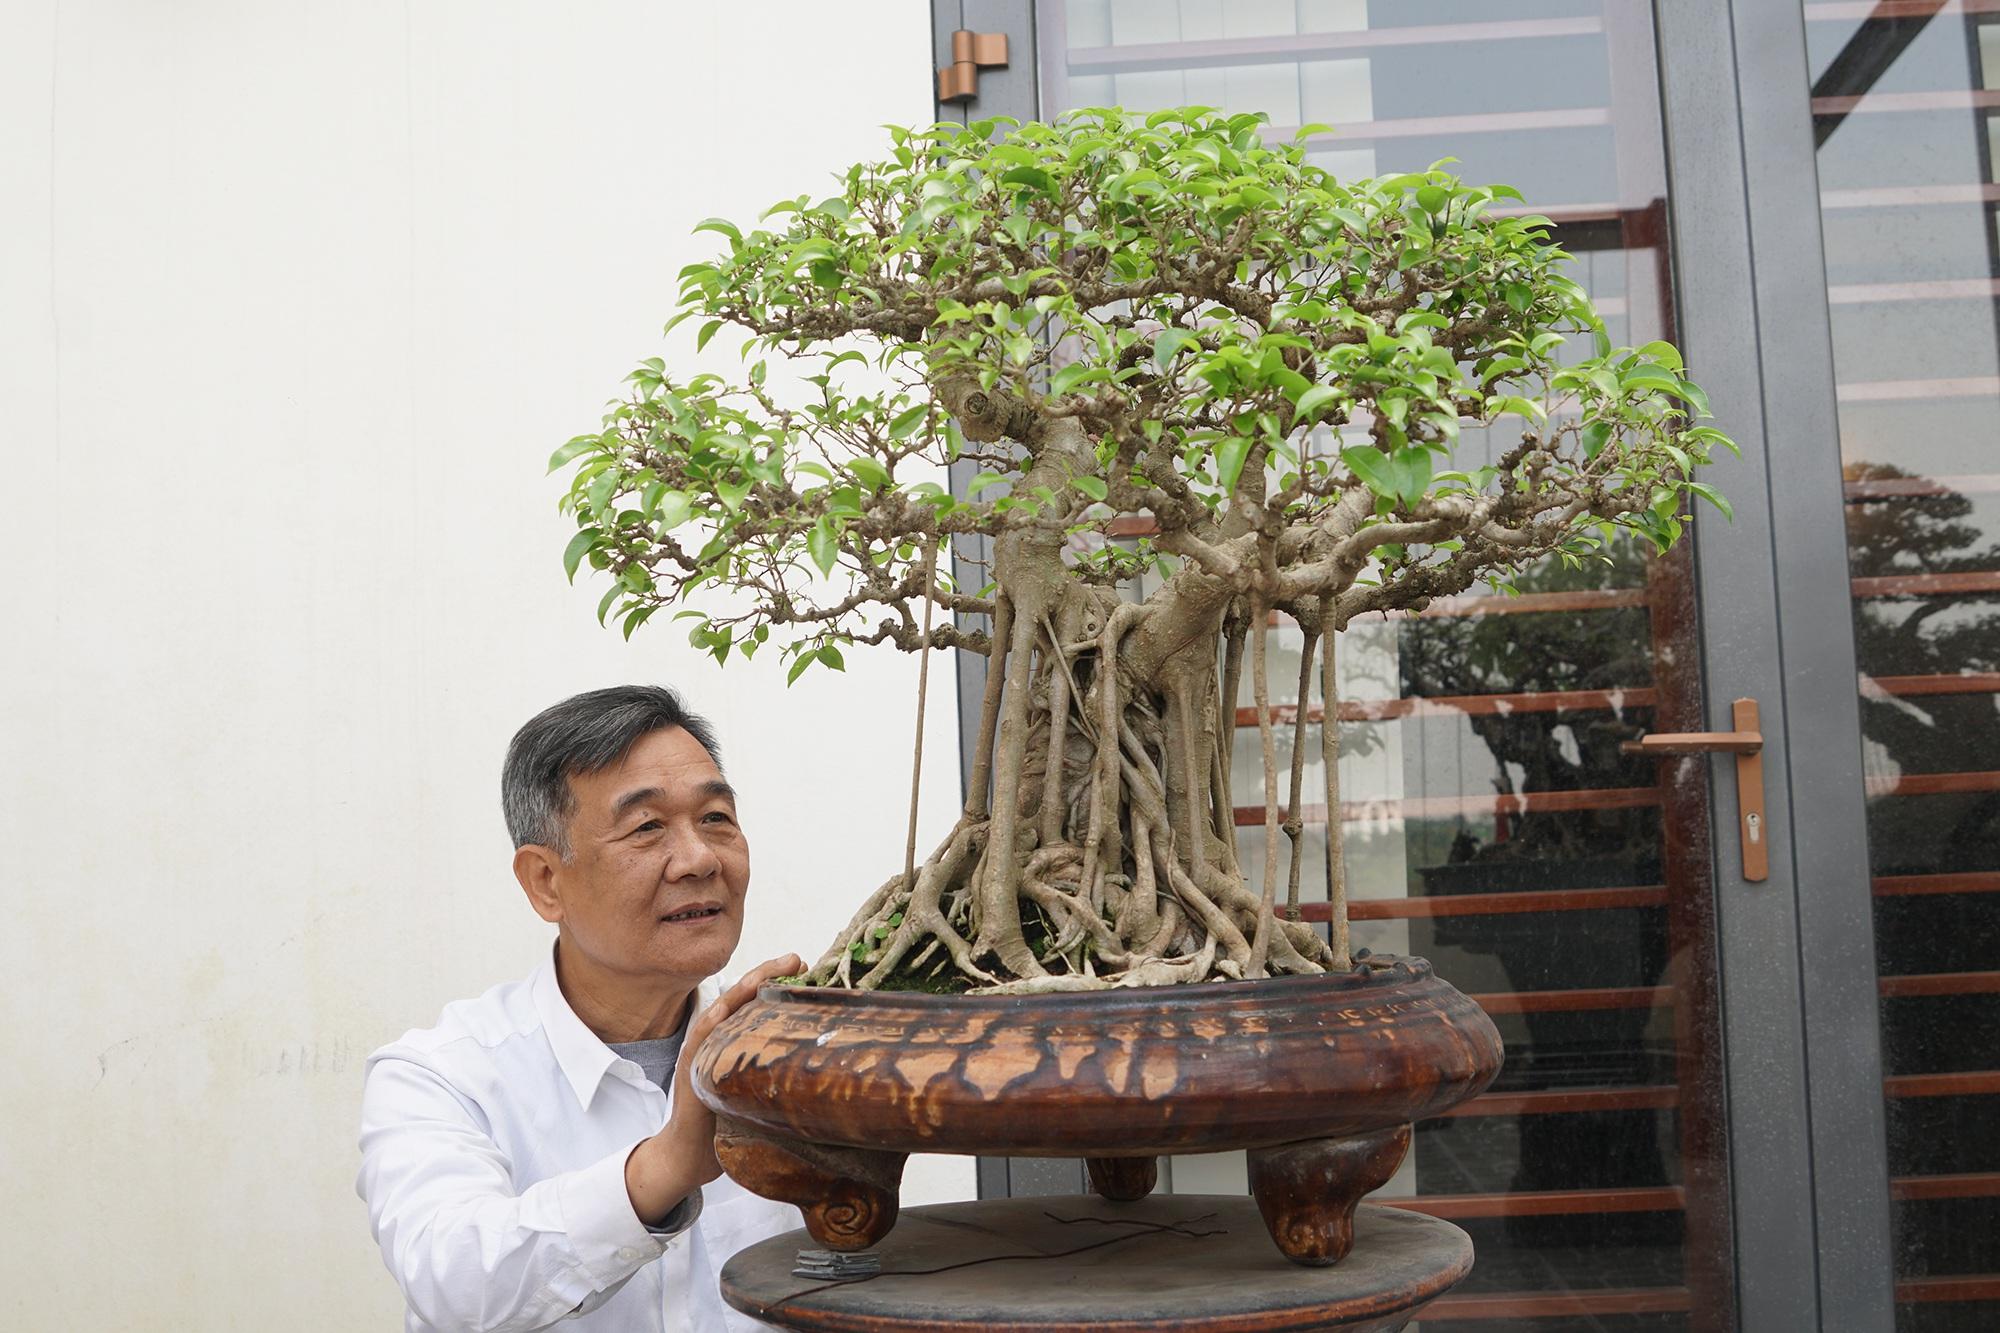 Đại gia chi gần 10 tỷ đồng mua cây cảnh đặt trên sân thượng ngắm mỗi ngày - 8